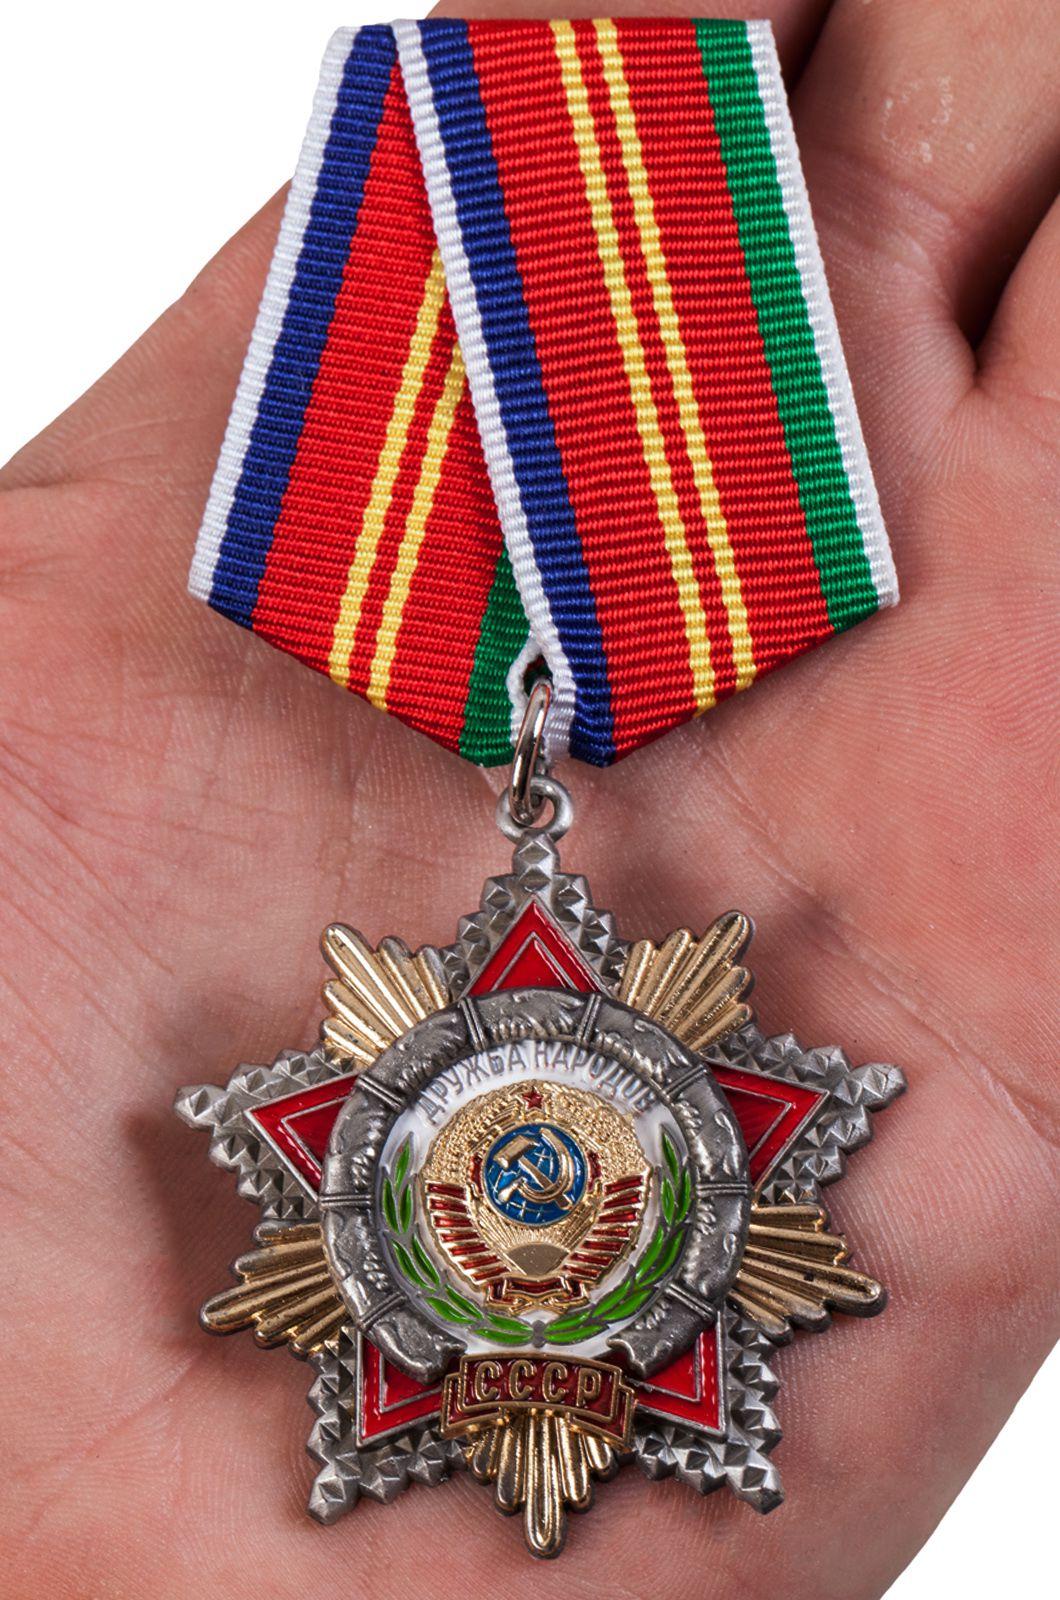 Высококачественная реплика ордена Дружбы народов СССР от Военпро